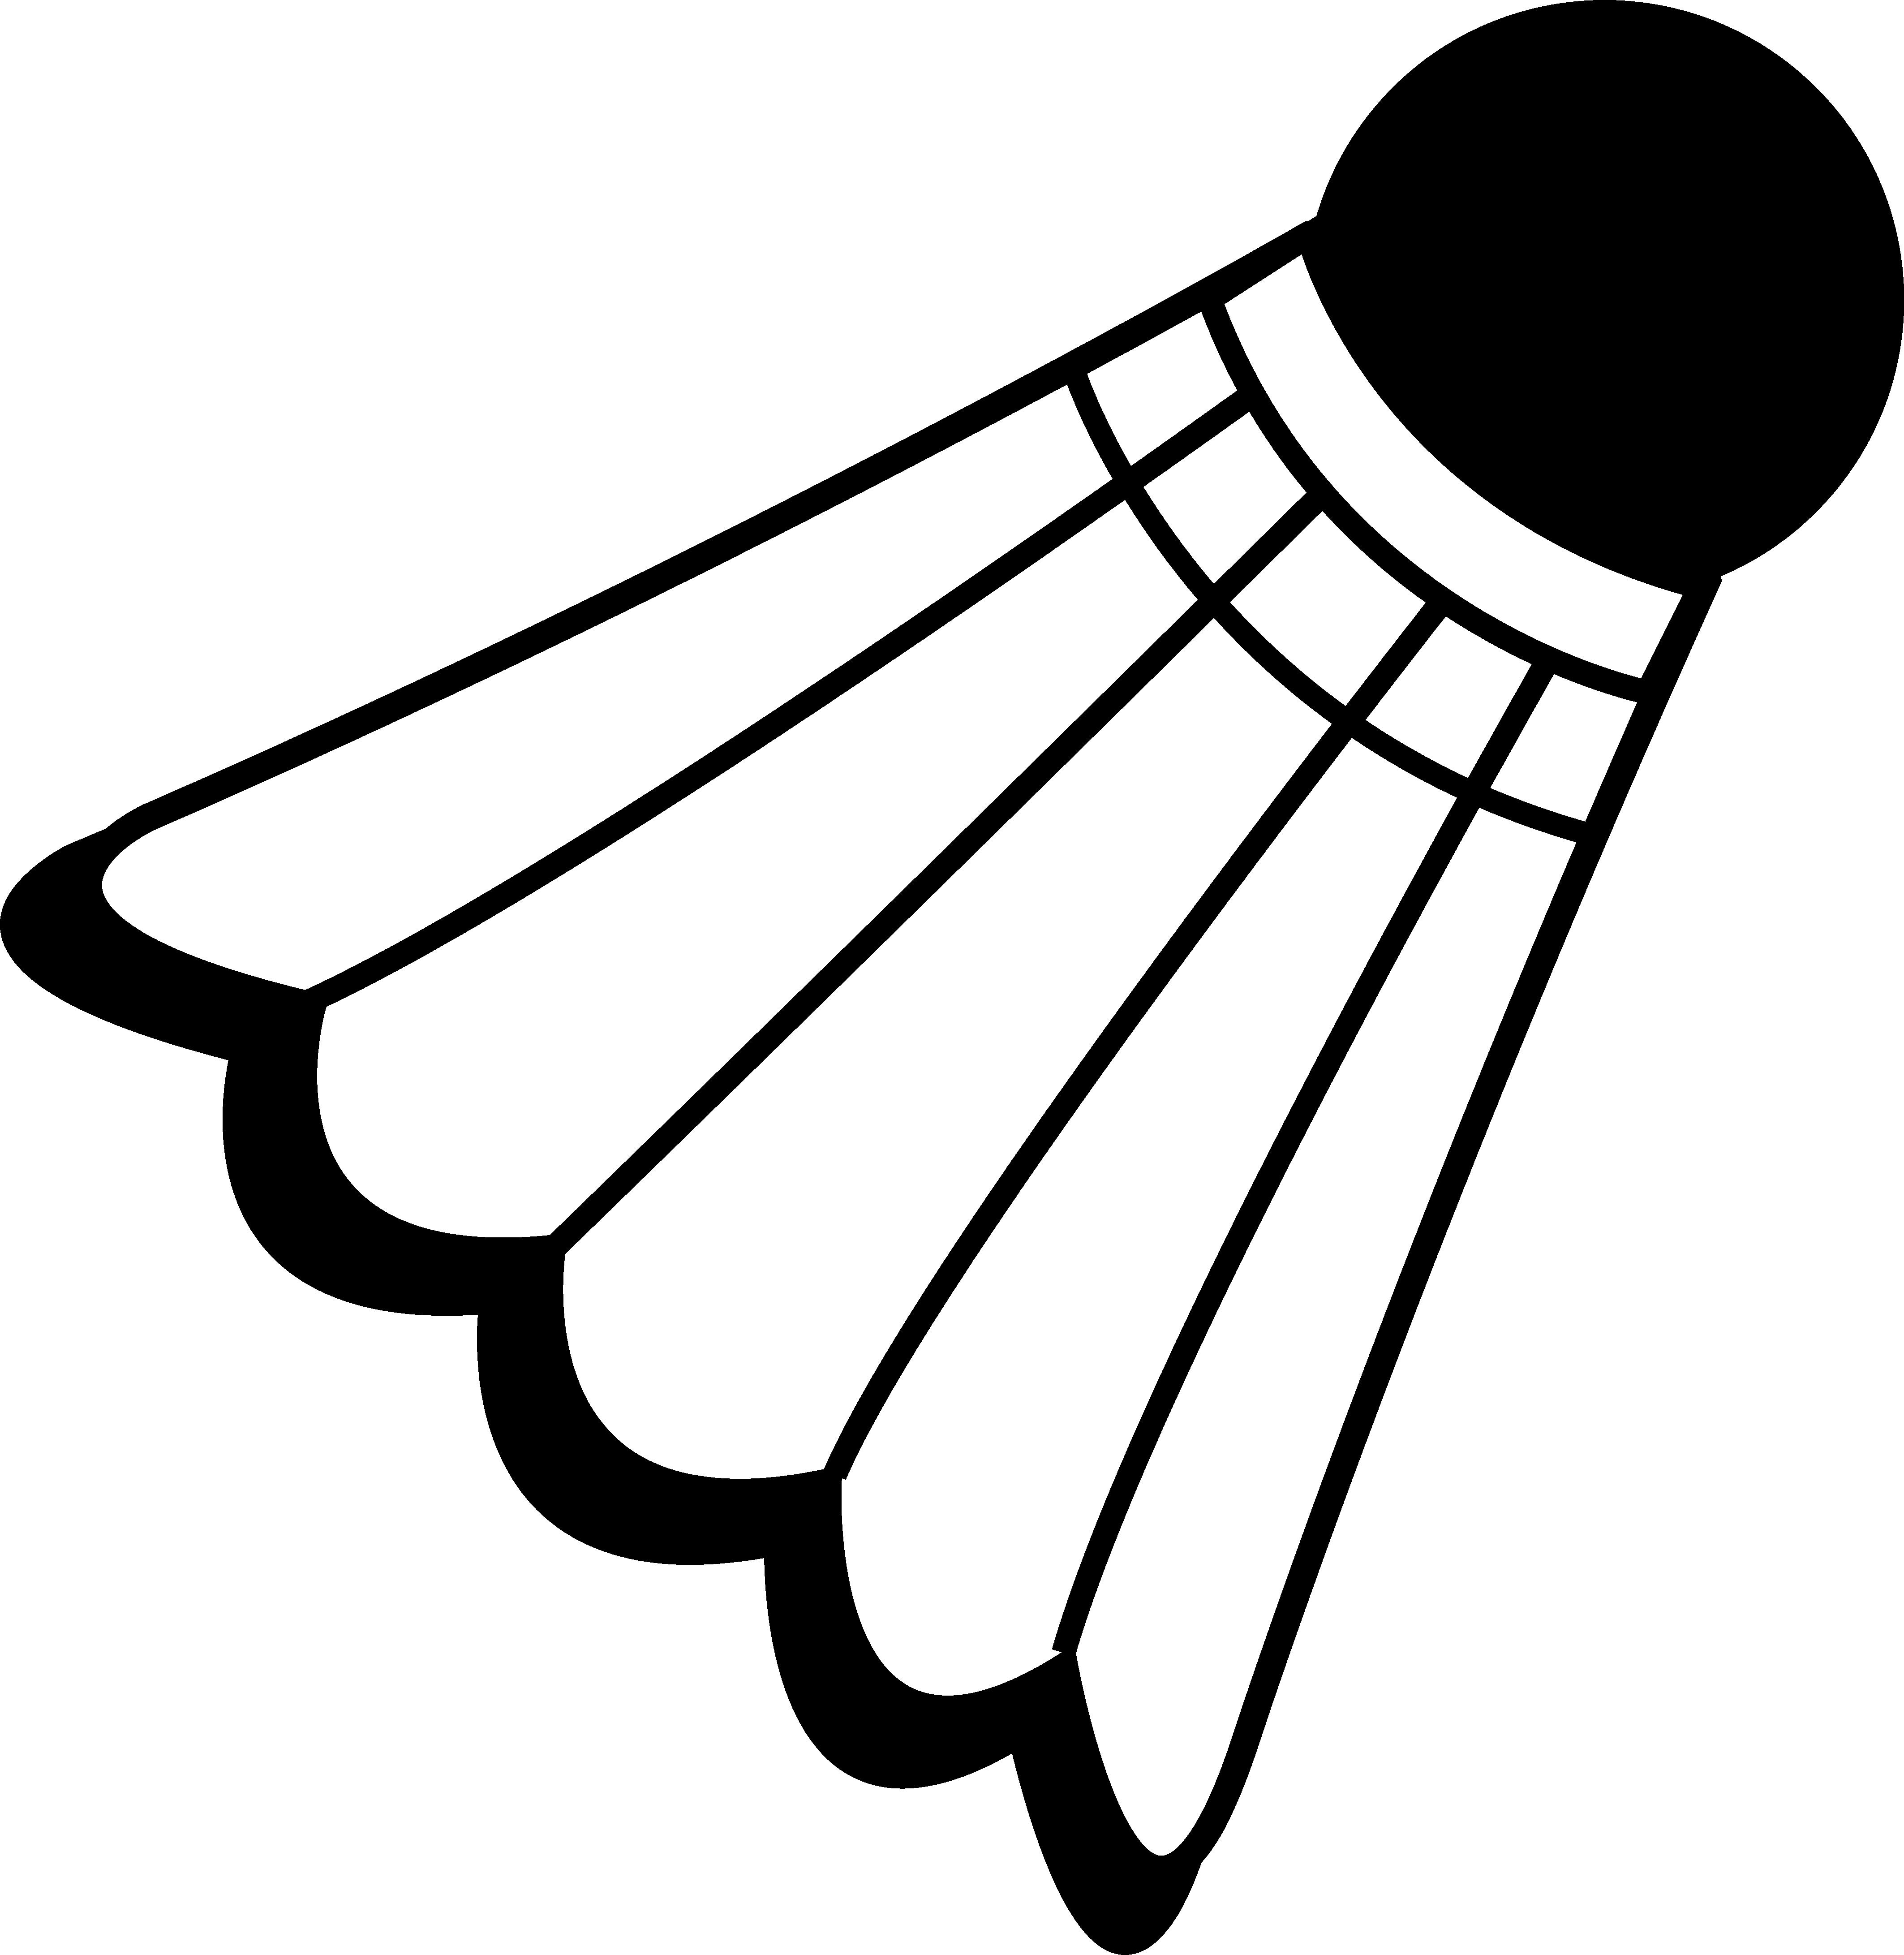 4251x4364 Badminton Birdie